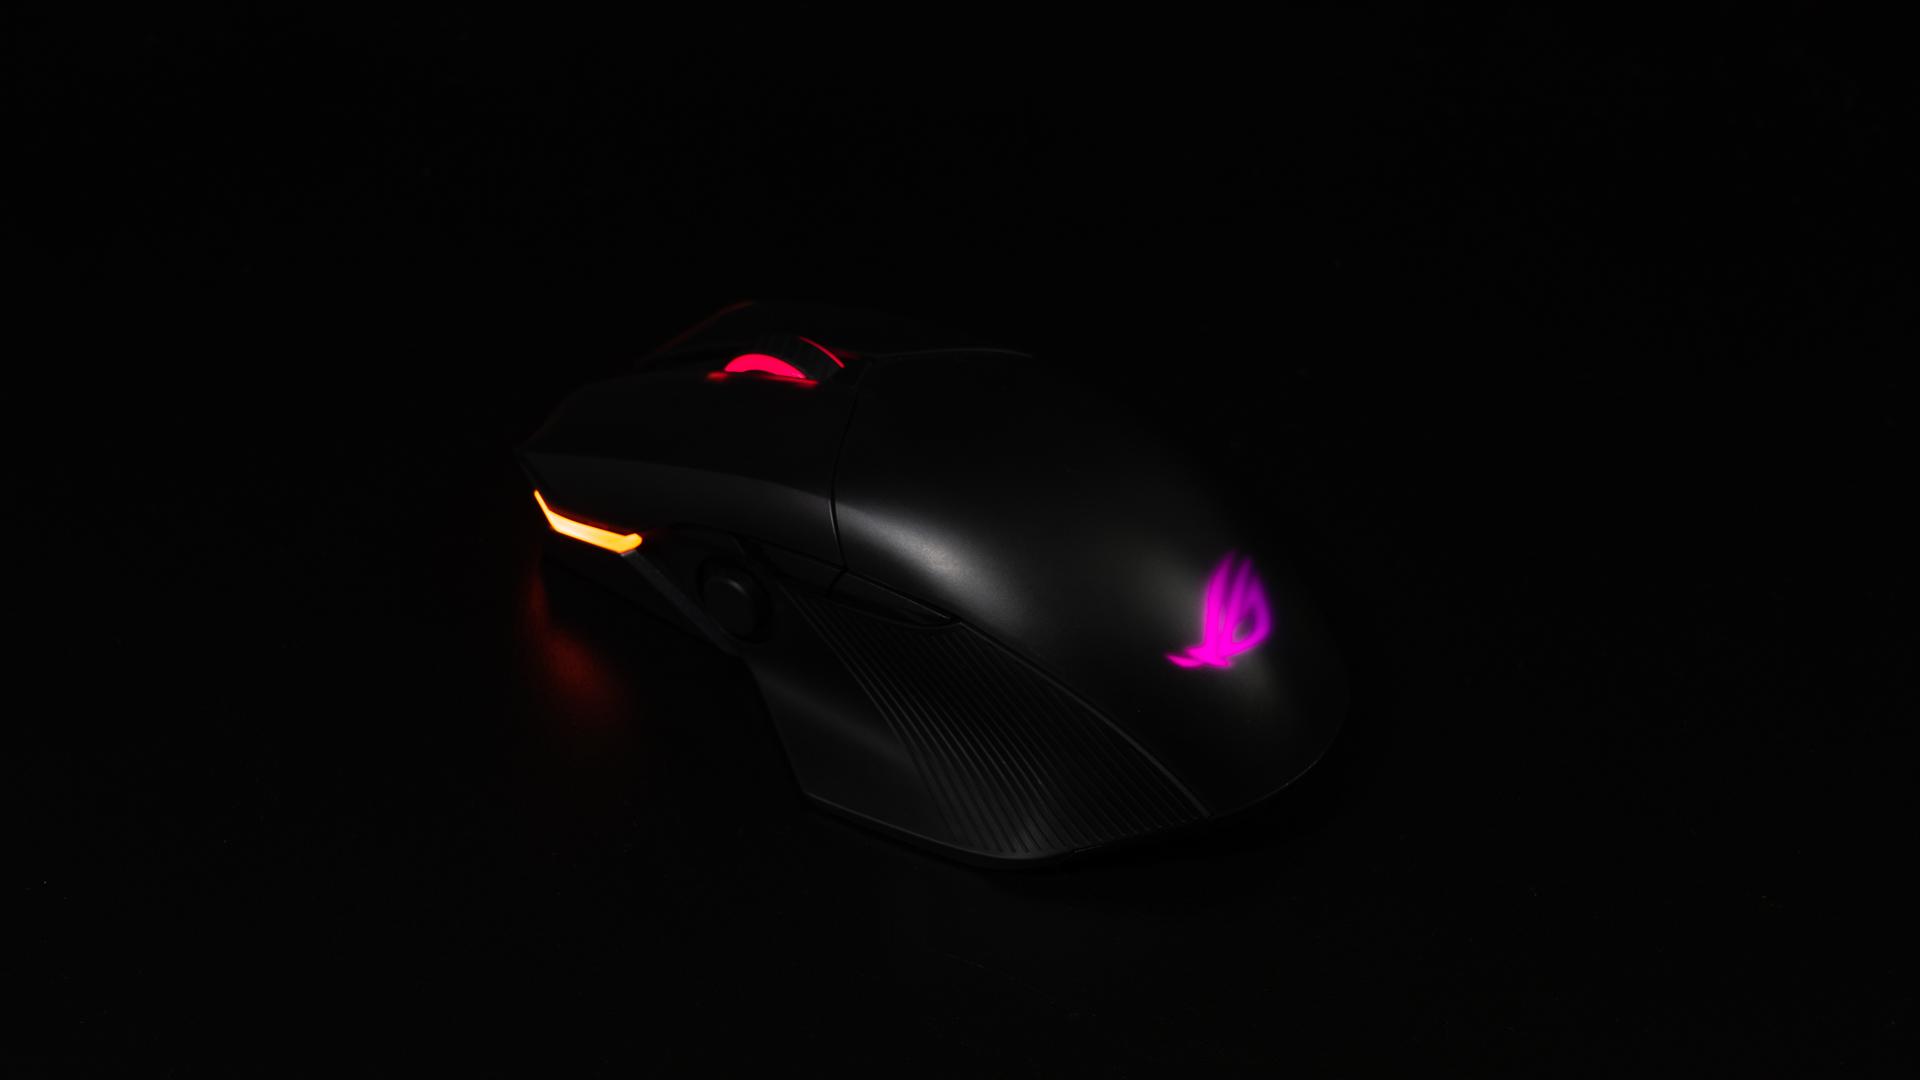 ASUS ROG Chakram レビュー。ジョイスティック搭載、スイッチ交換可能な面白いゲーミングマウス